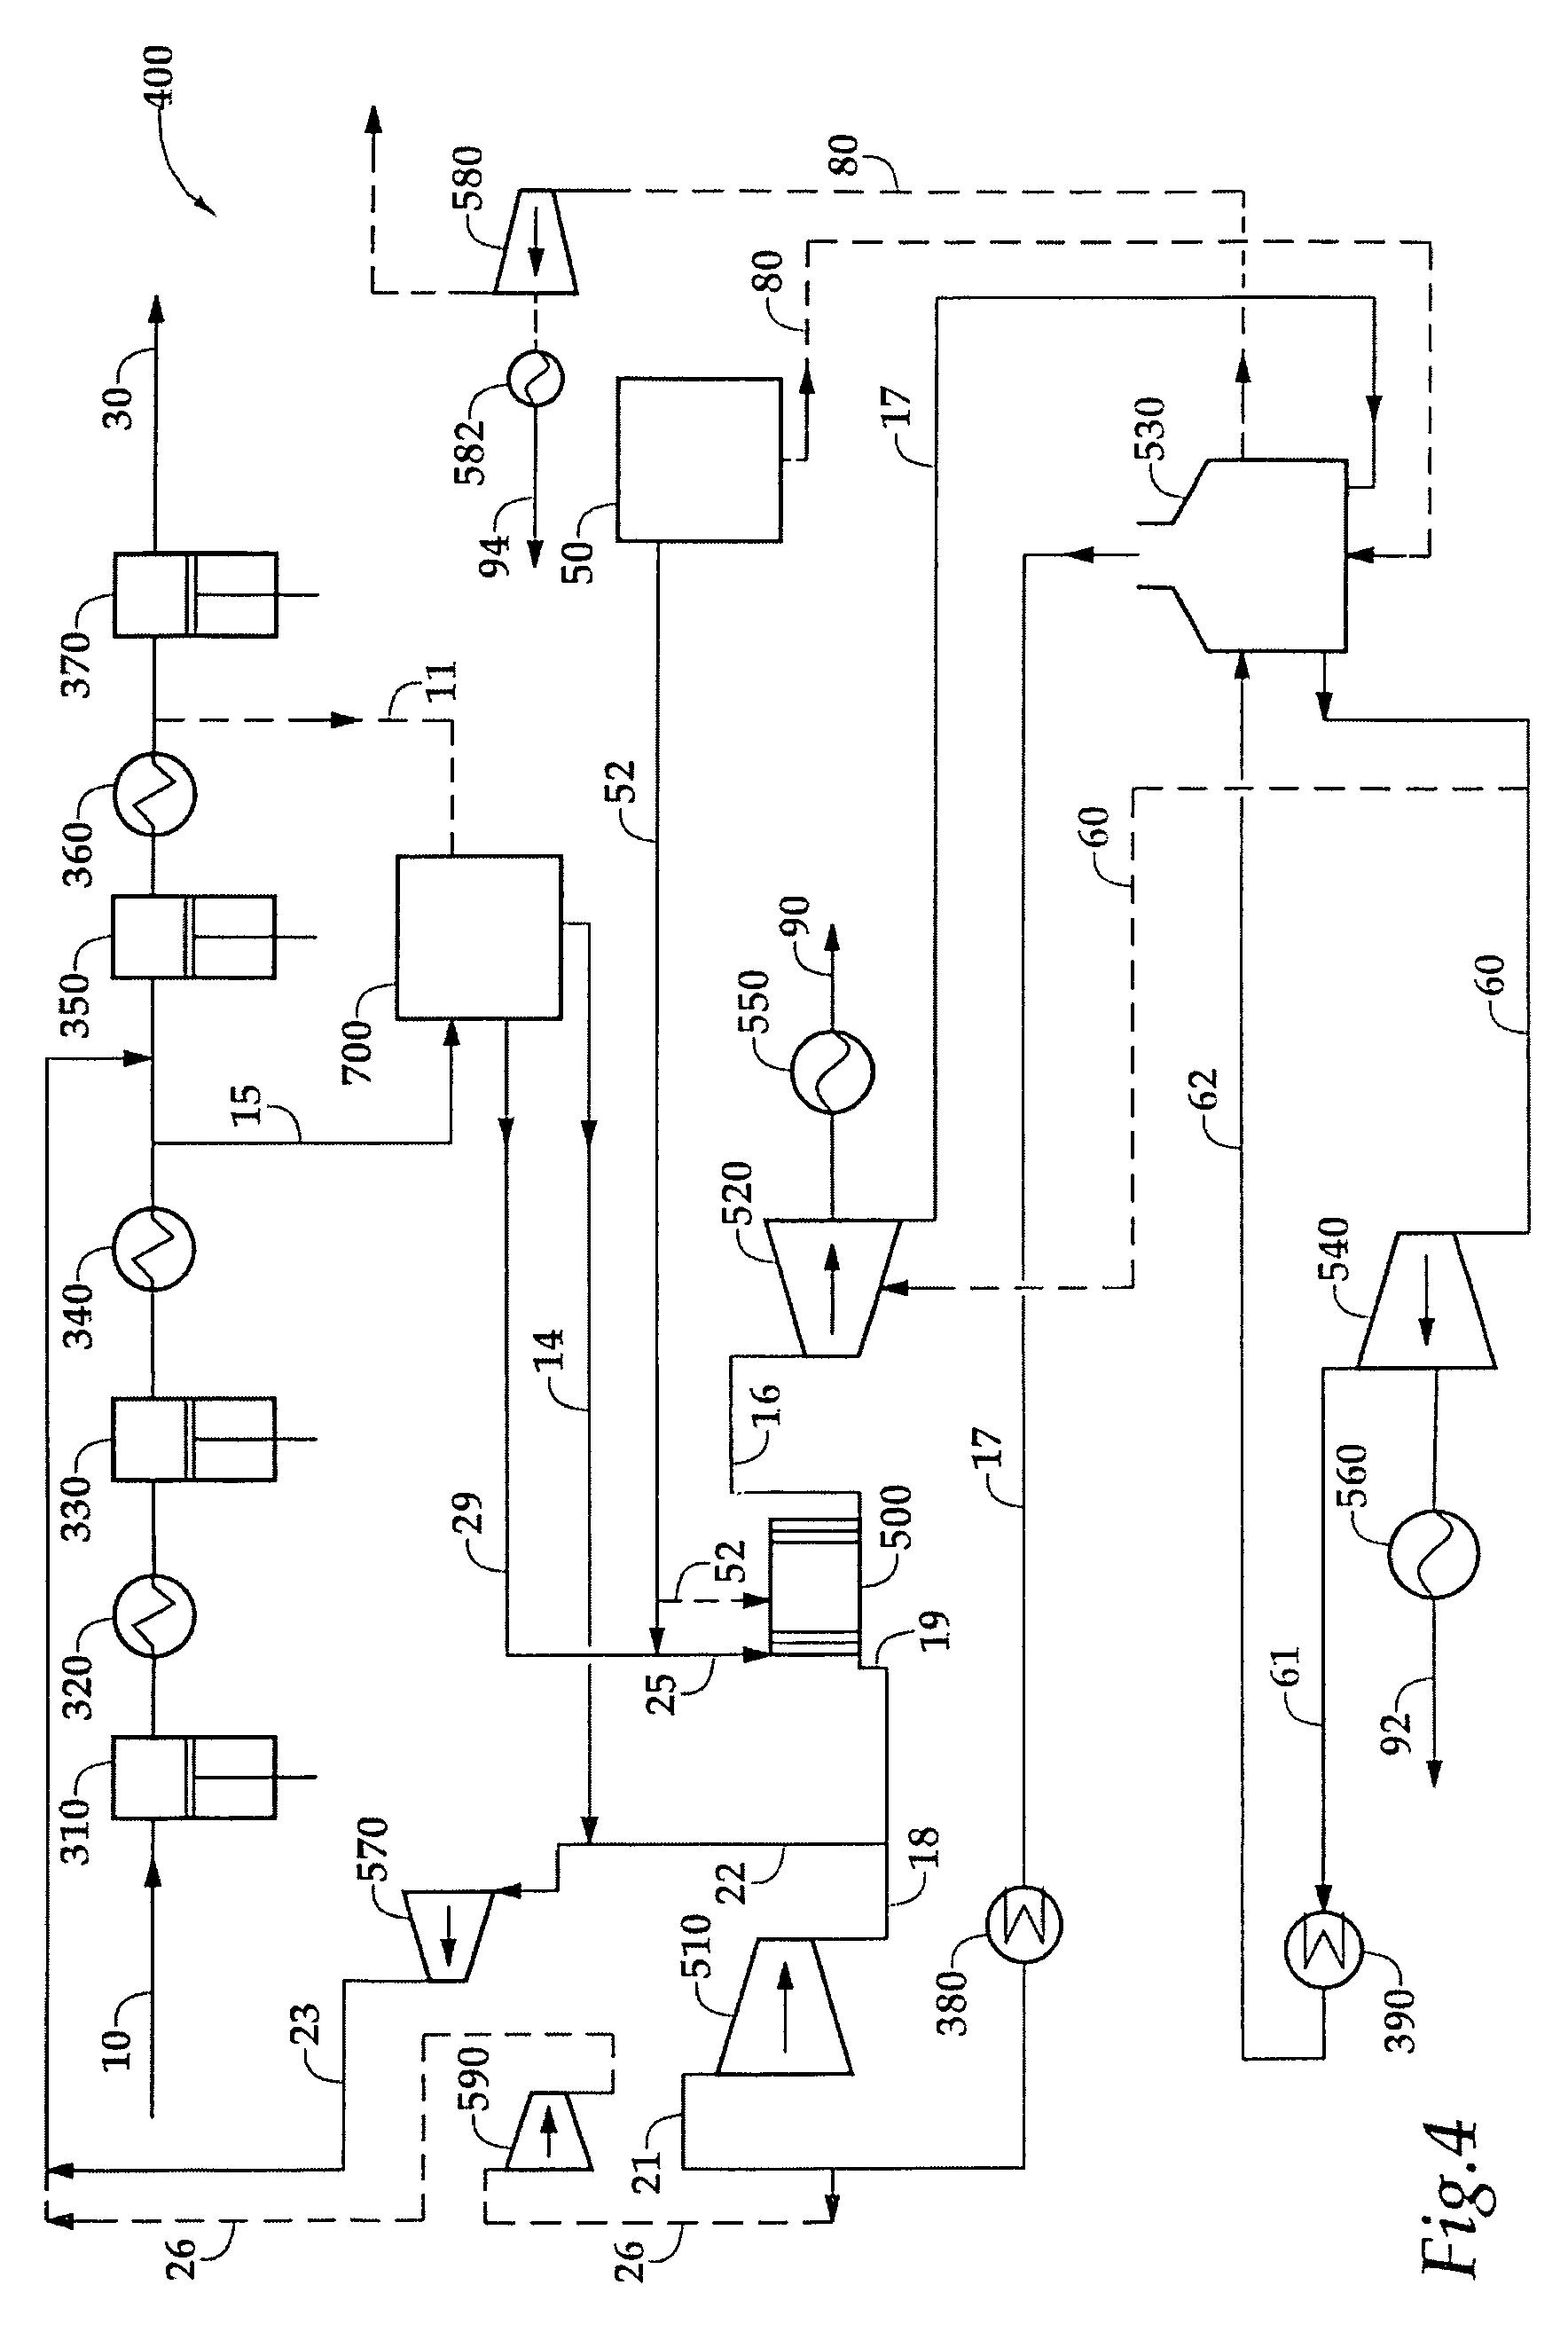 """براءة اÙ""""Ø§Ø ØªØ±Ø§Ø¹ US System and method for processing a"""